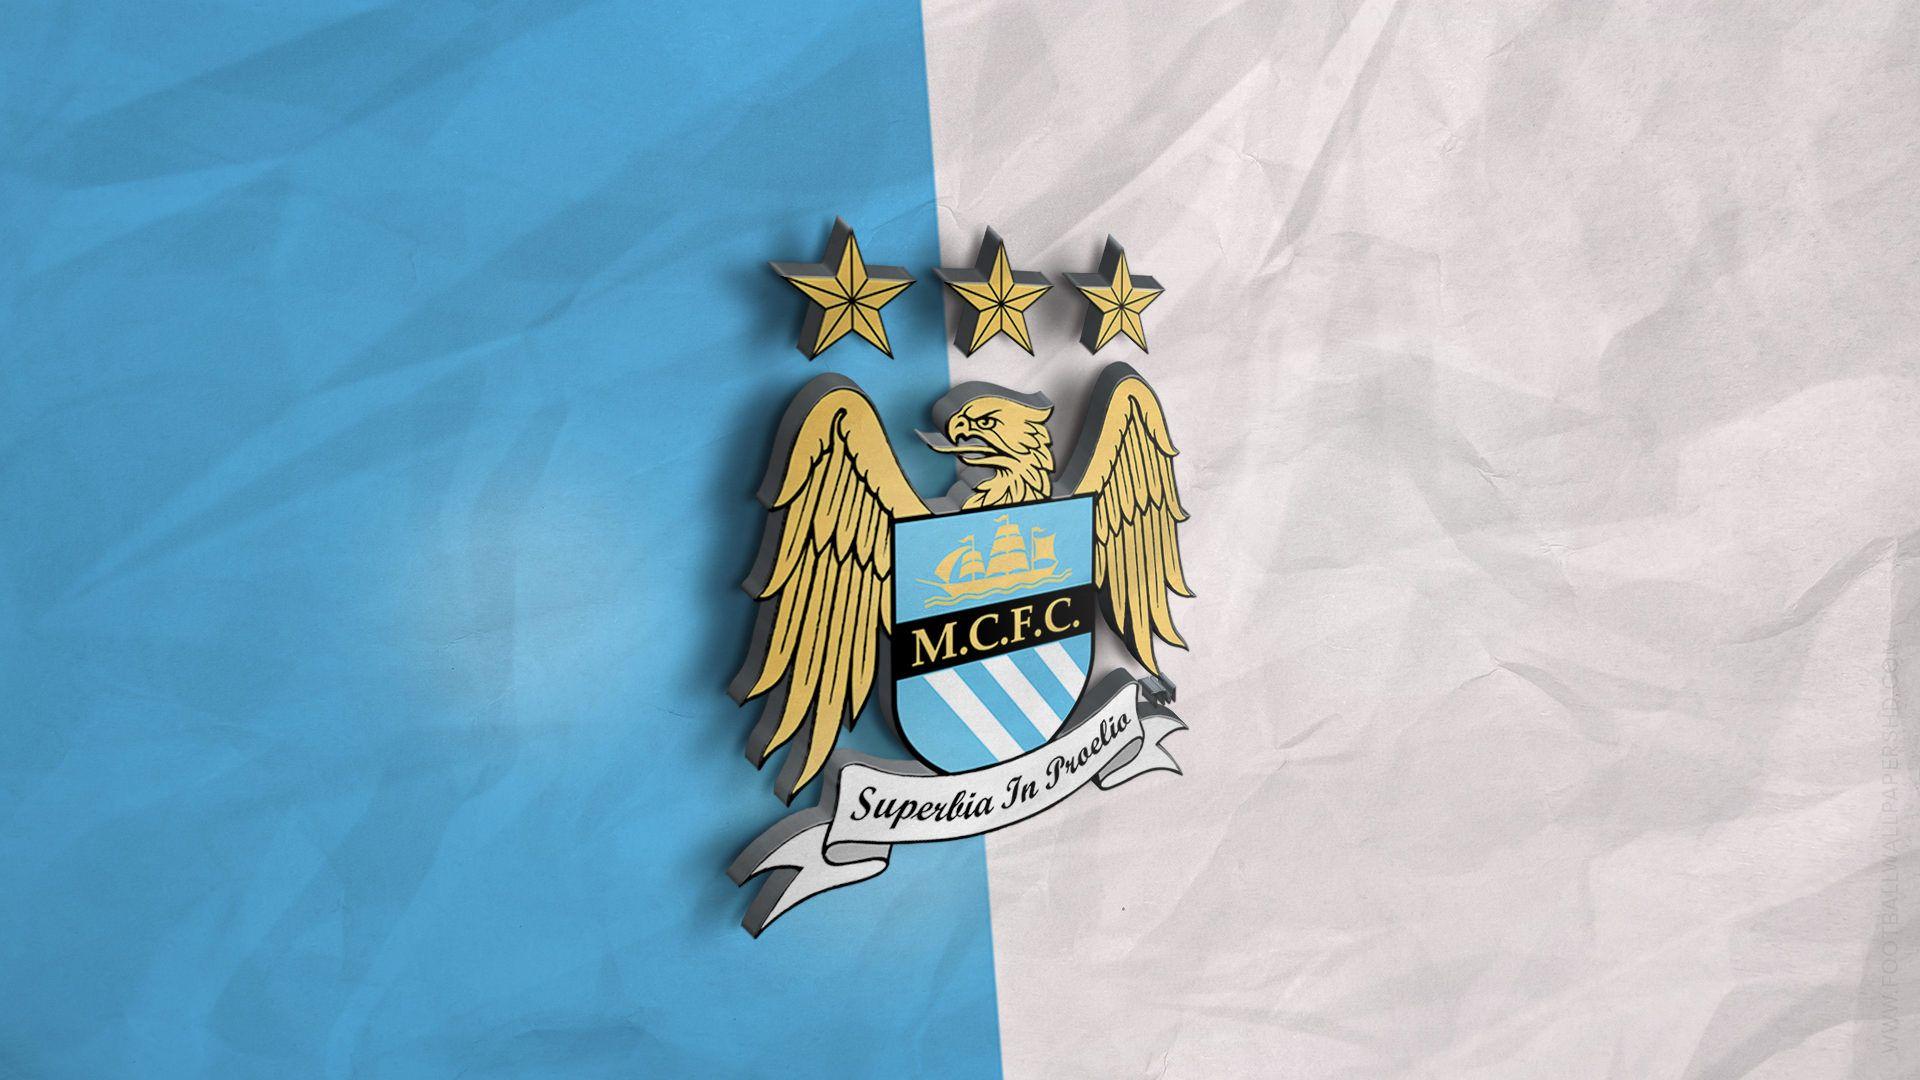 Manchester City 3d Logo Wallpaper Manchester City Wallpaper Football Wallpaper City Wallpaper